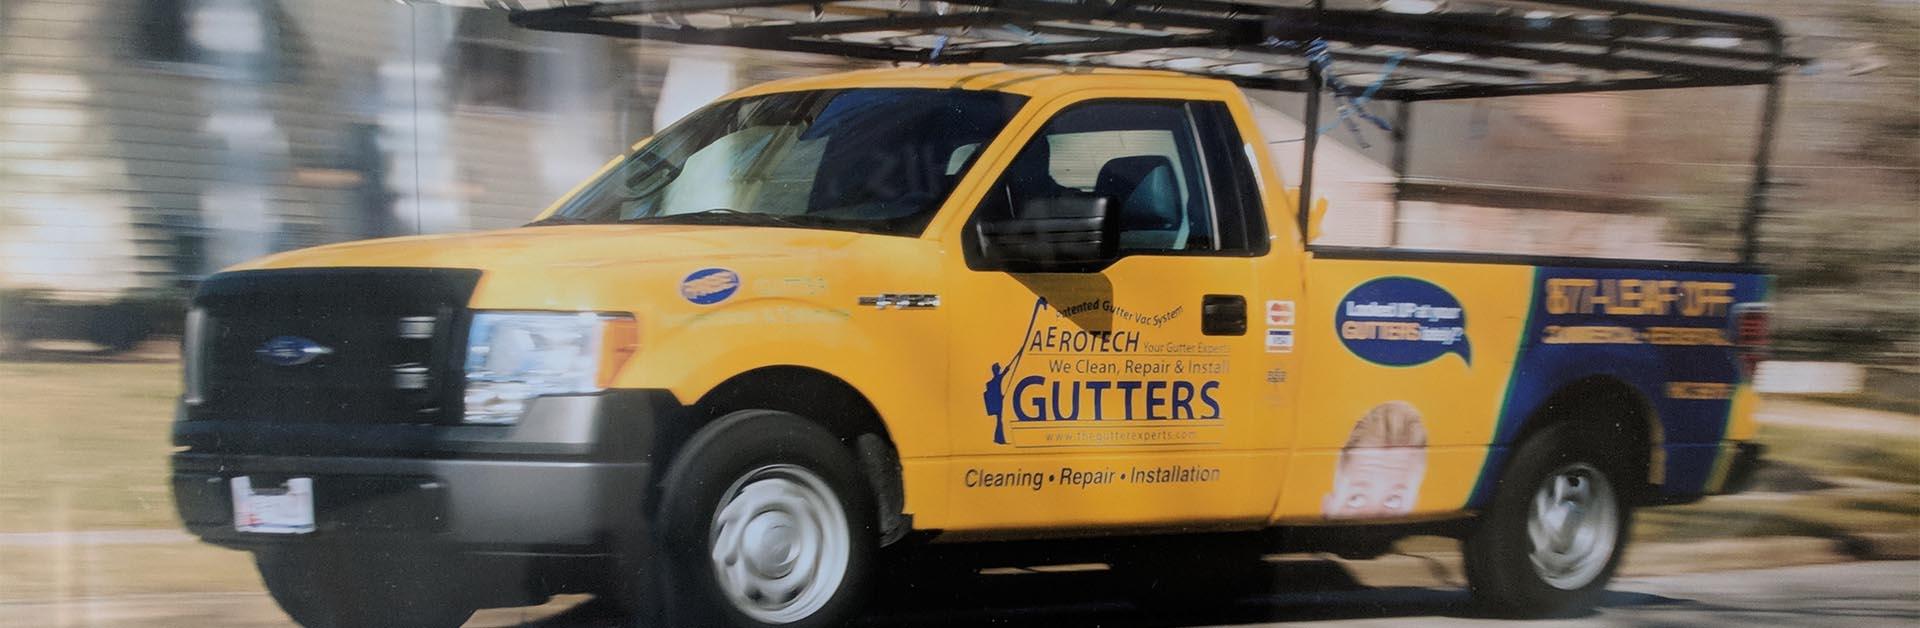 Aerotech Washington Dc Gutter Experts Gutter Siding Windows